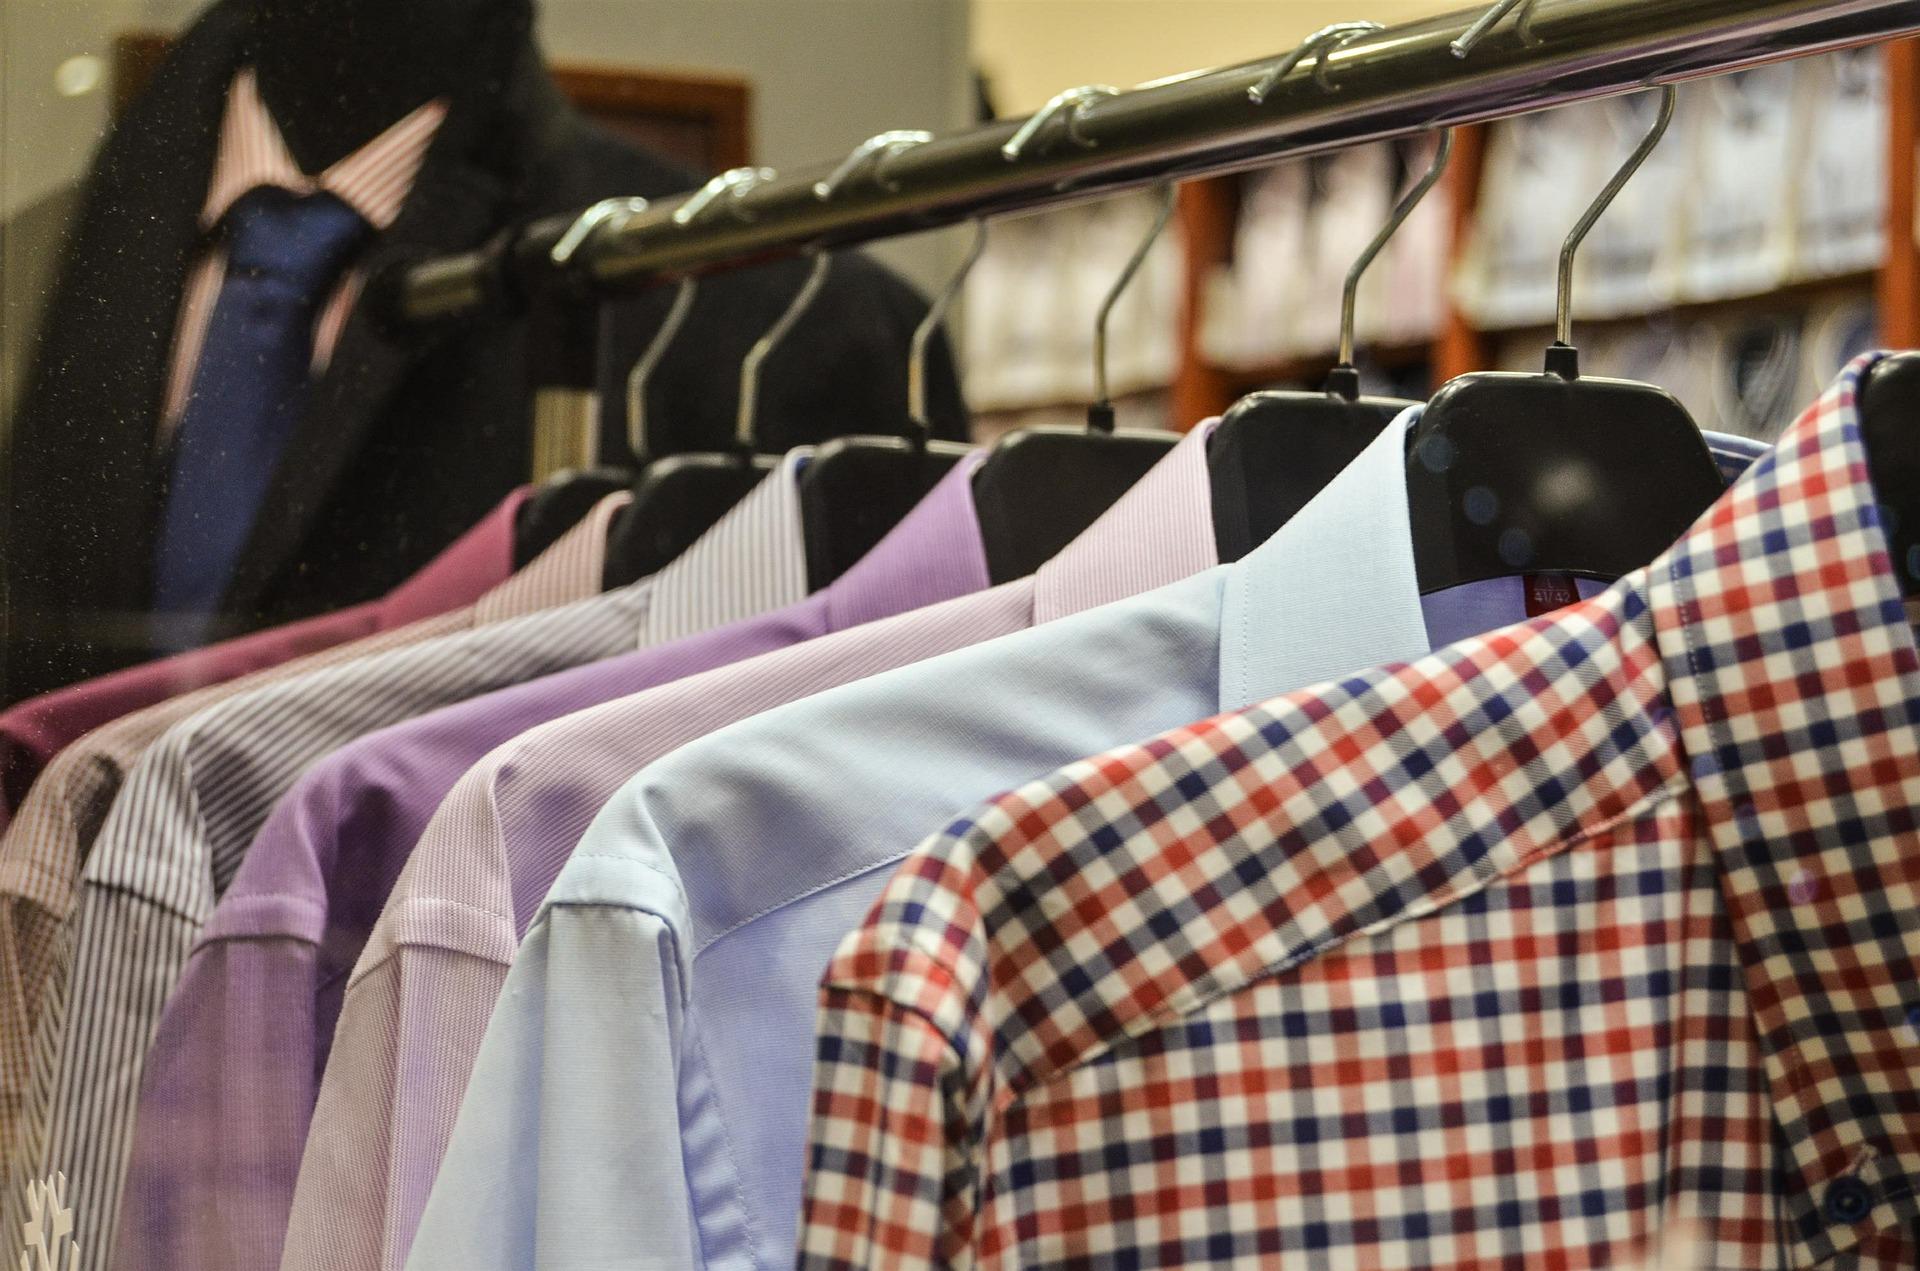 Remedio casero quitar el olor a humedad de la ropa - Remedios caseros para la humedad ...